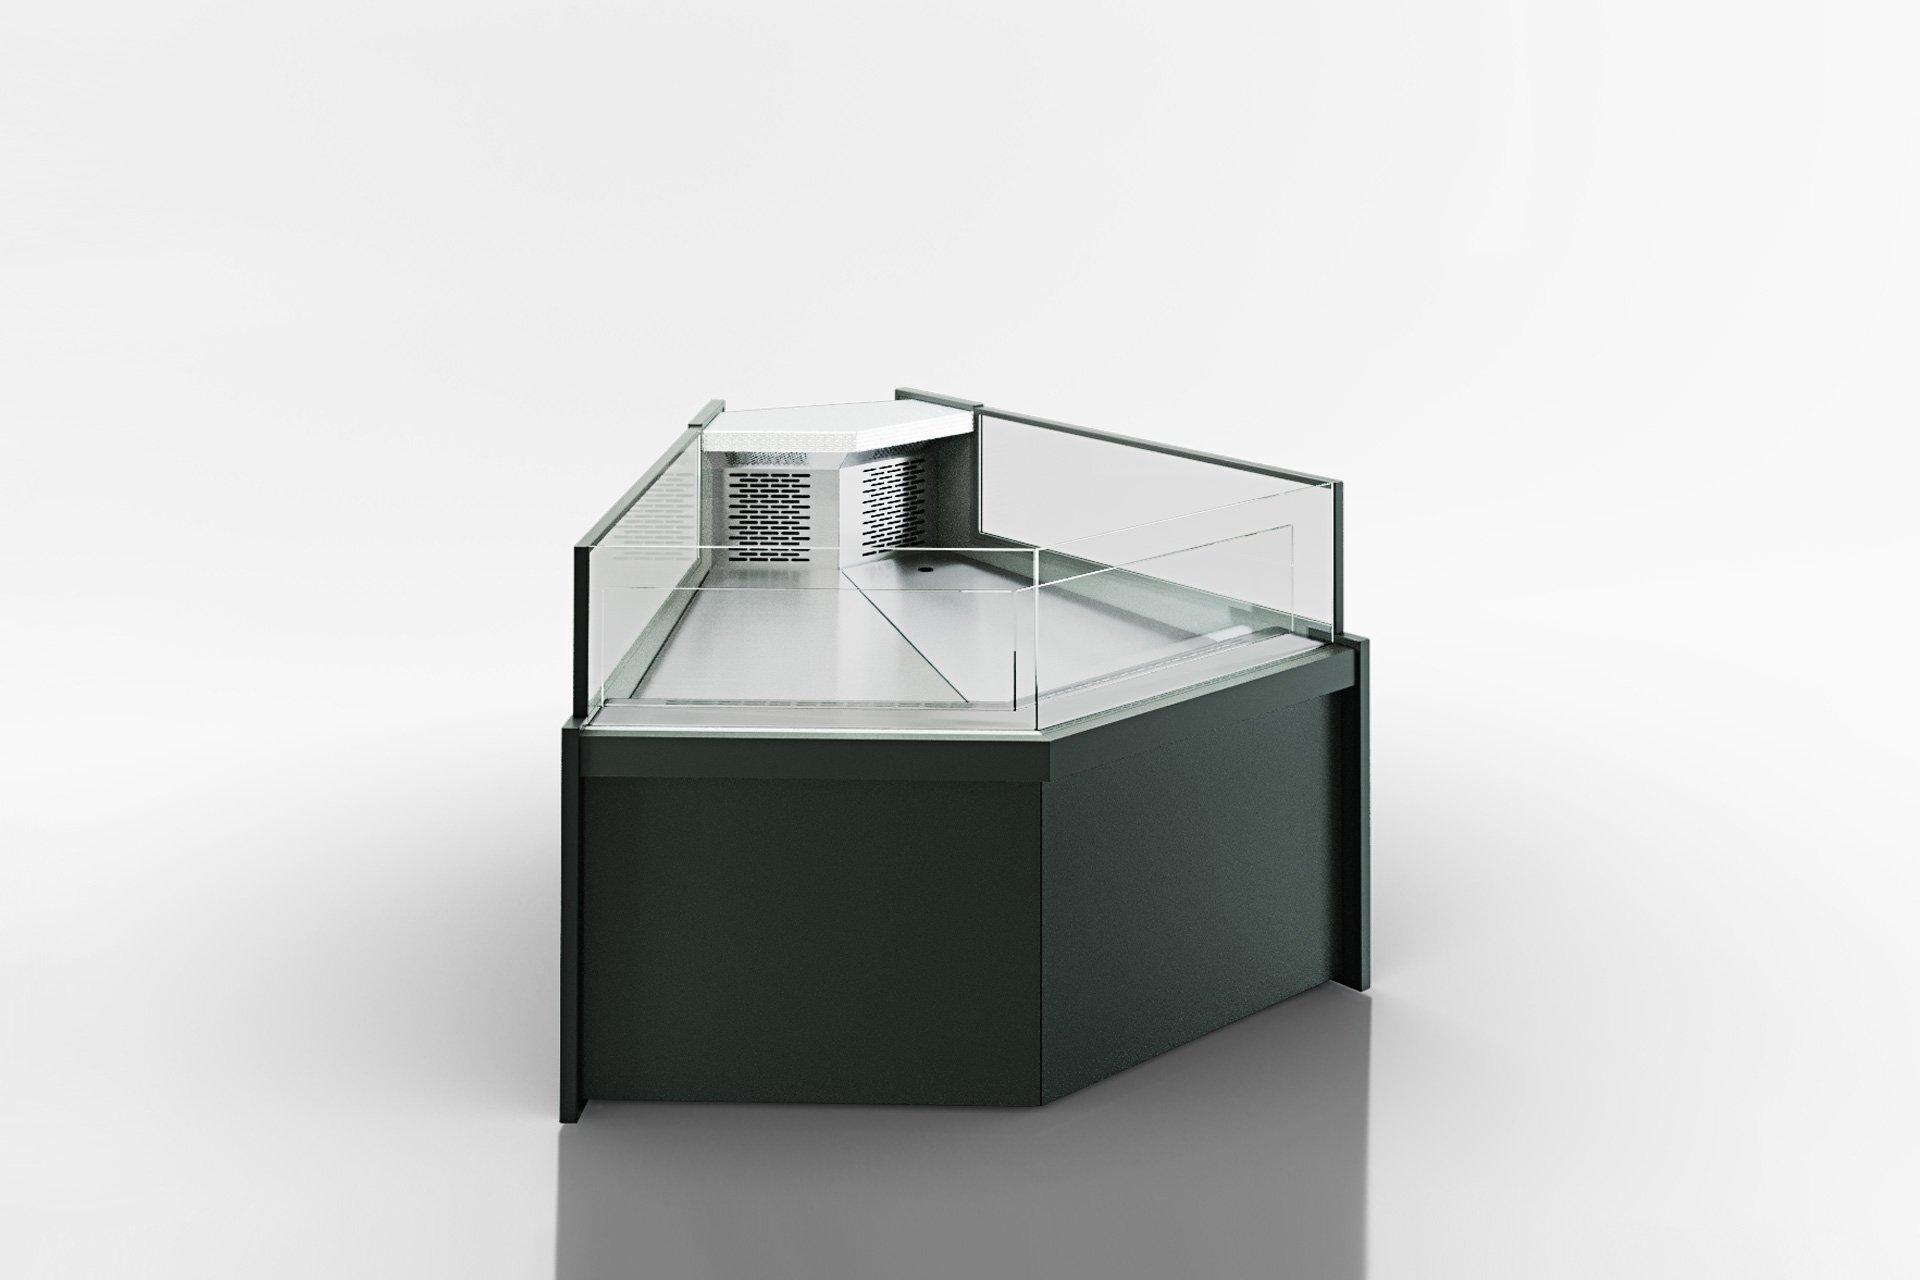 Кутові елементи холодильних вітрин Missouri сold diamond MC 126 self 084-DBM